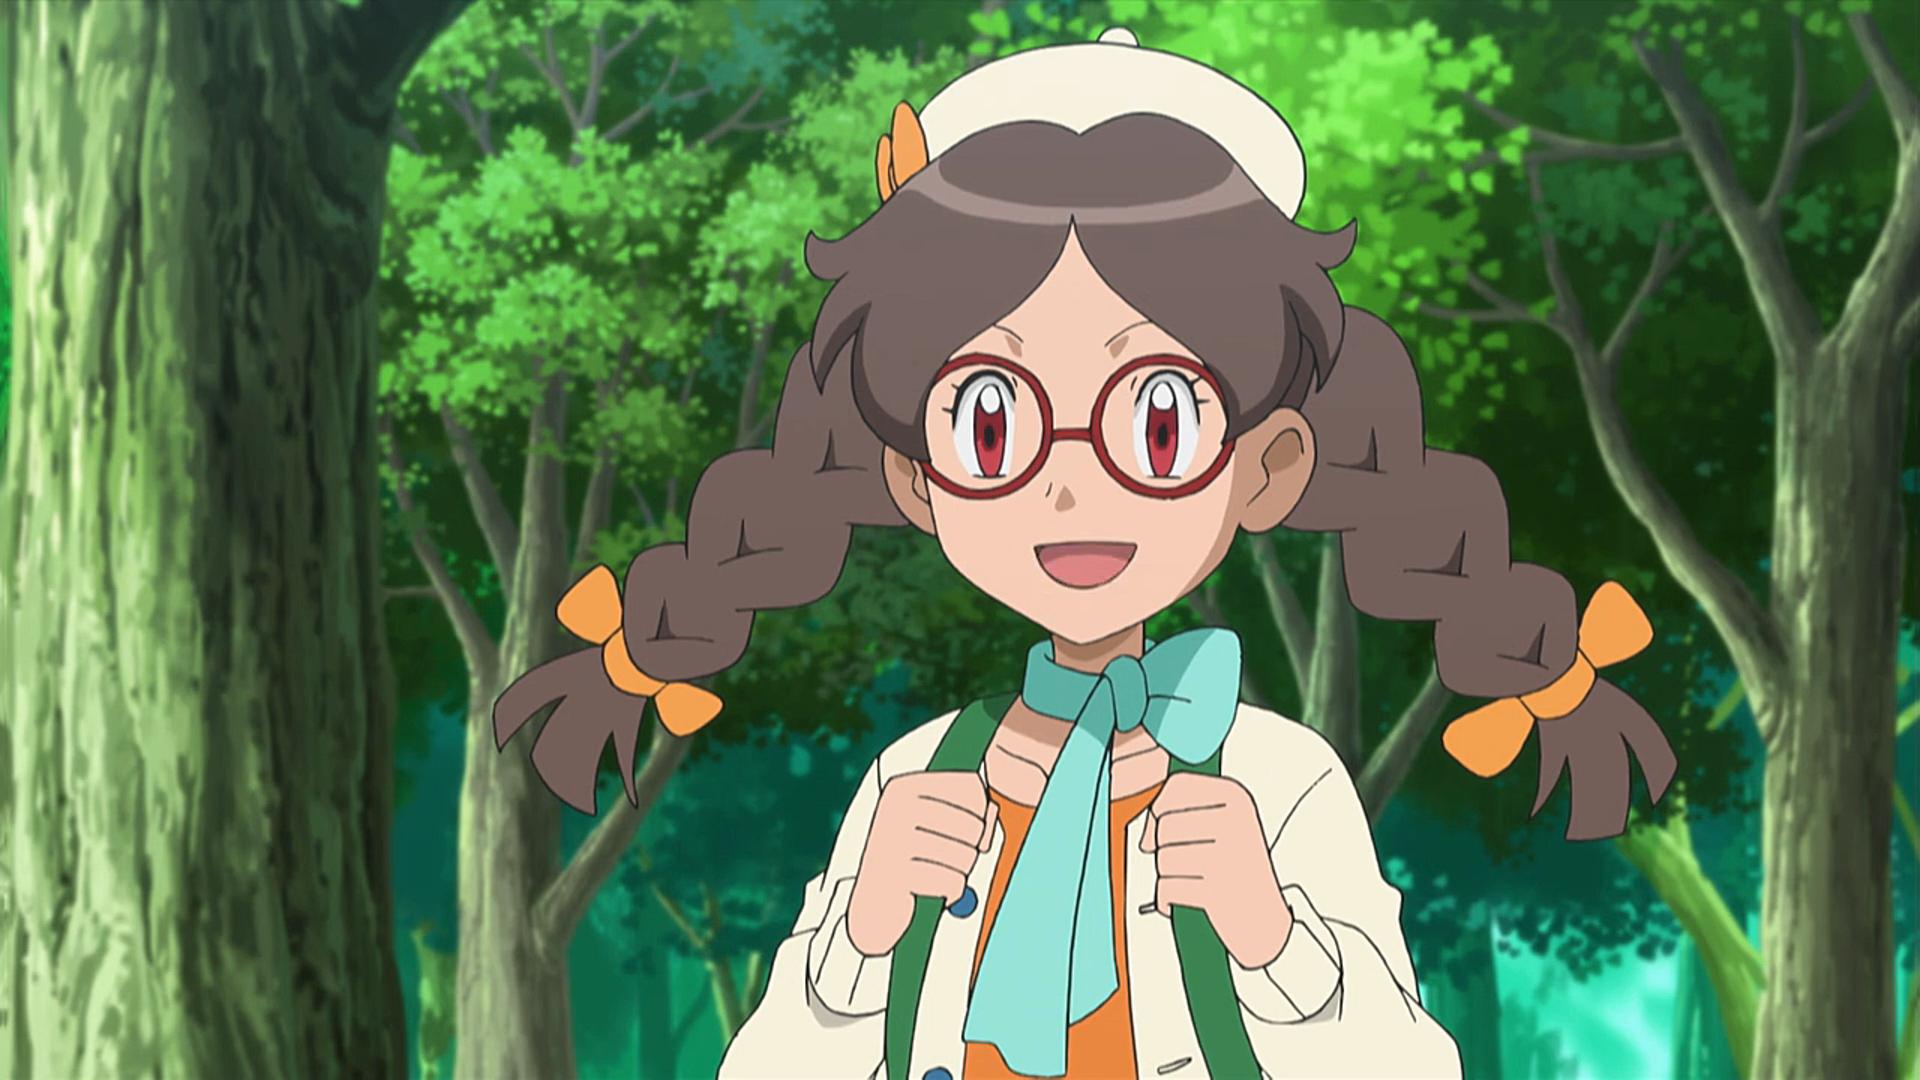 Lilia | Pokémon Wiki | Fandom powered by Wikia